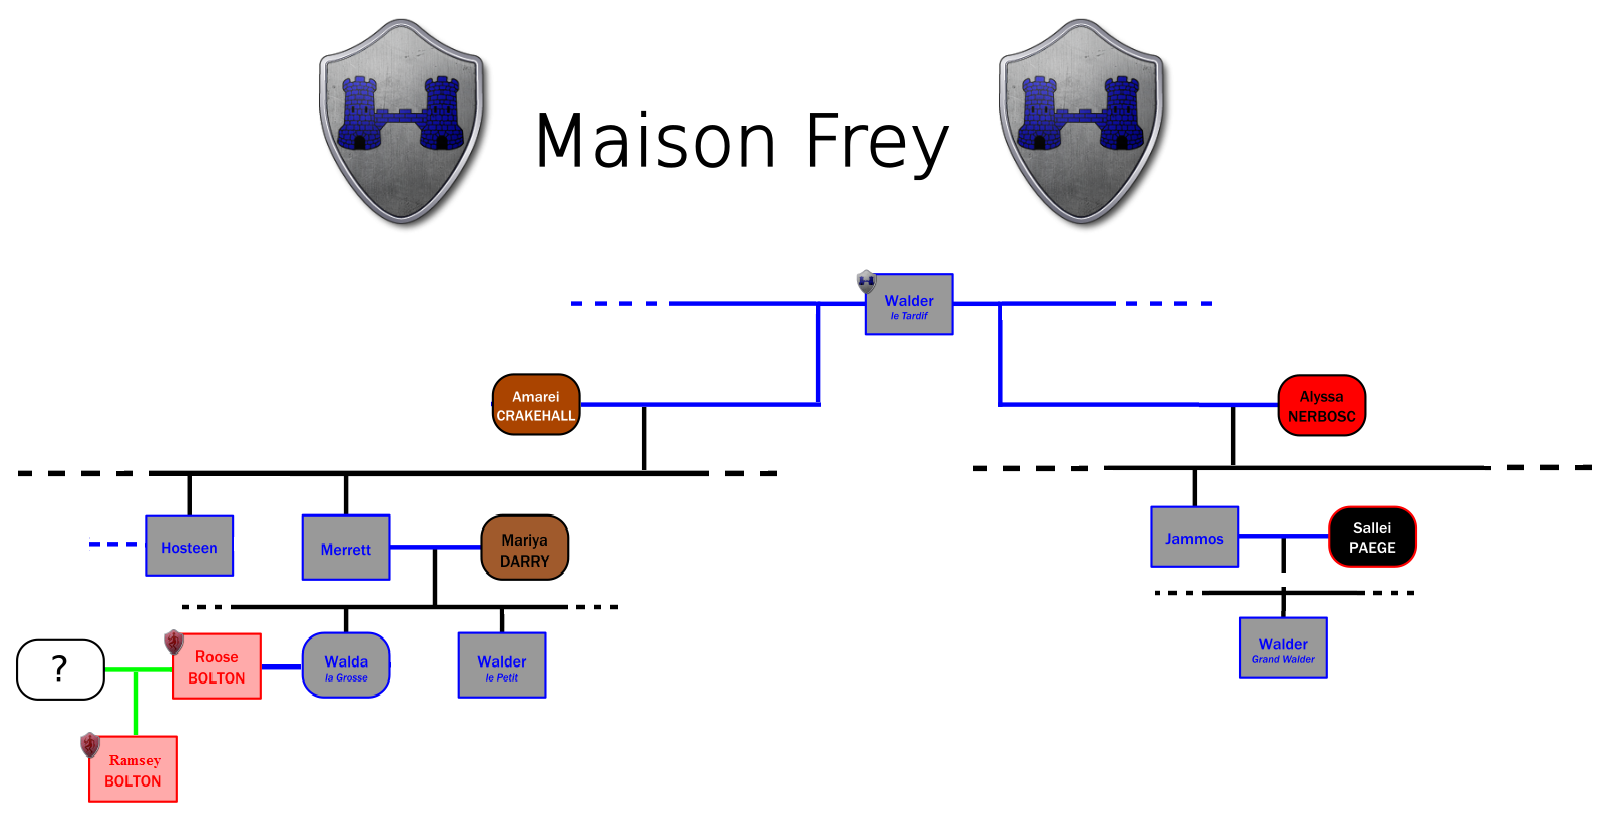 Arbre généalogique simplifié de la maison Frey (crédits : DireWolf, la Garde de Nuit)